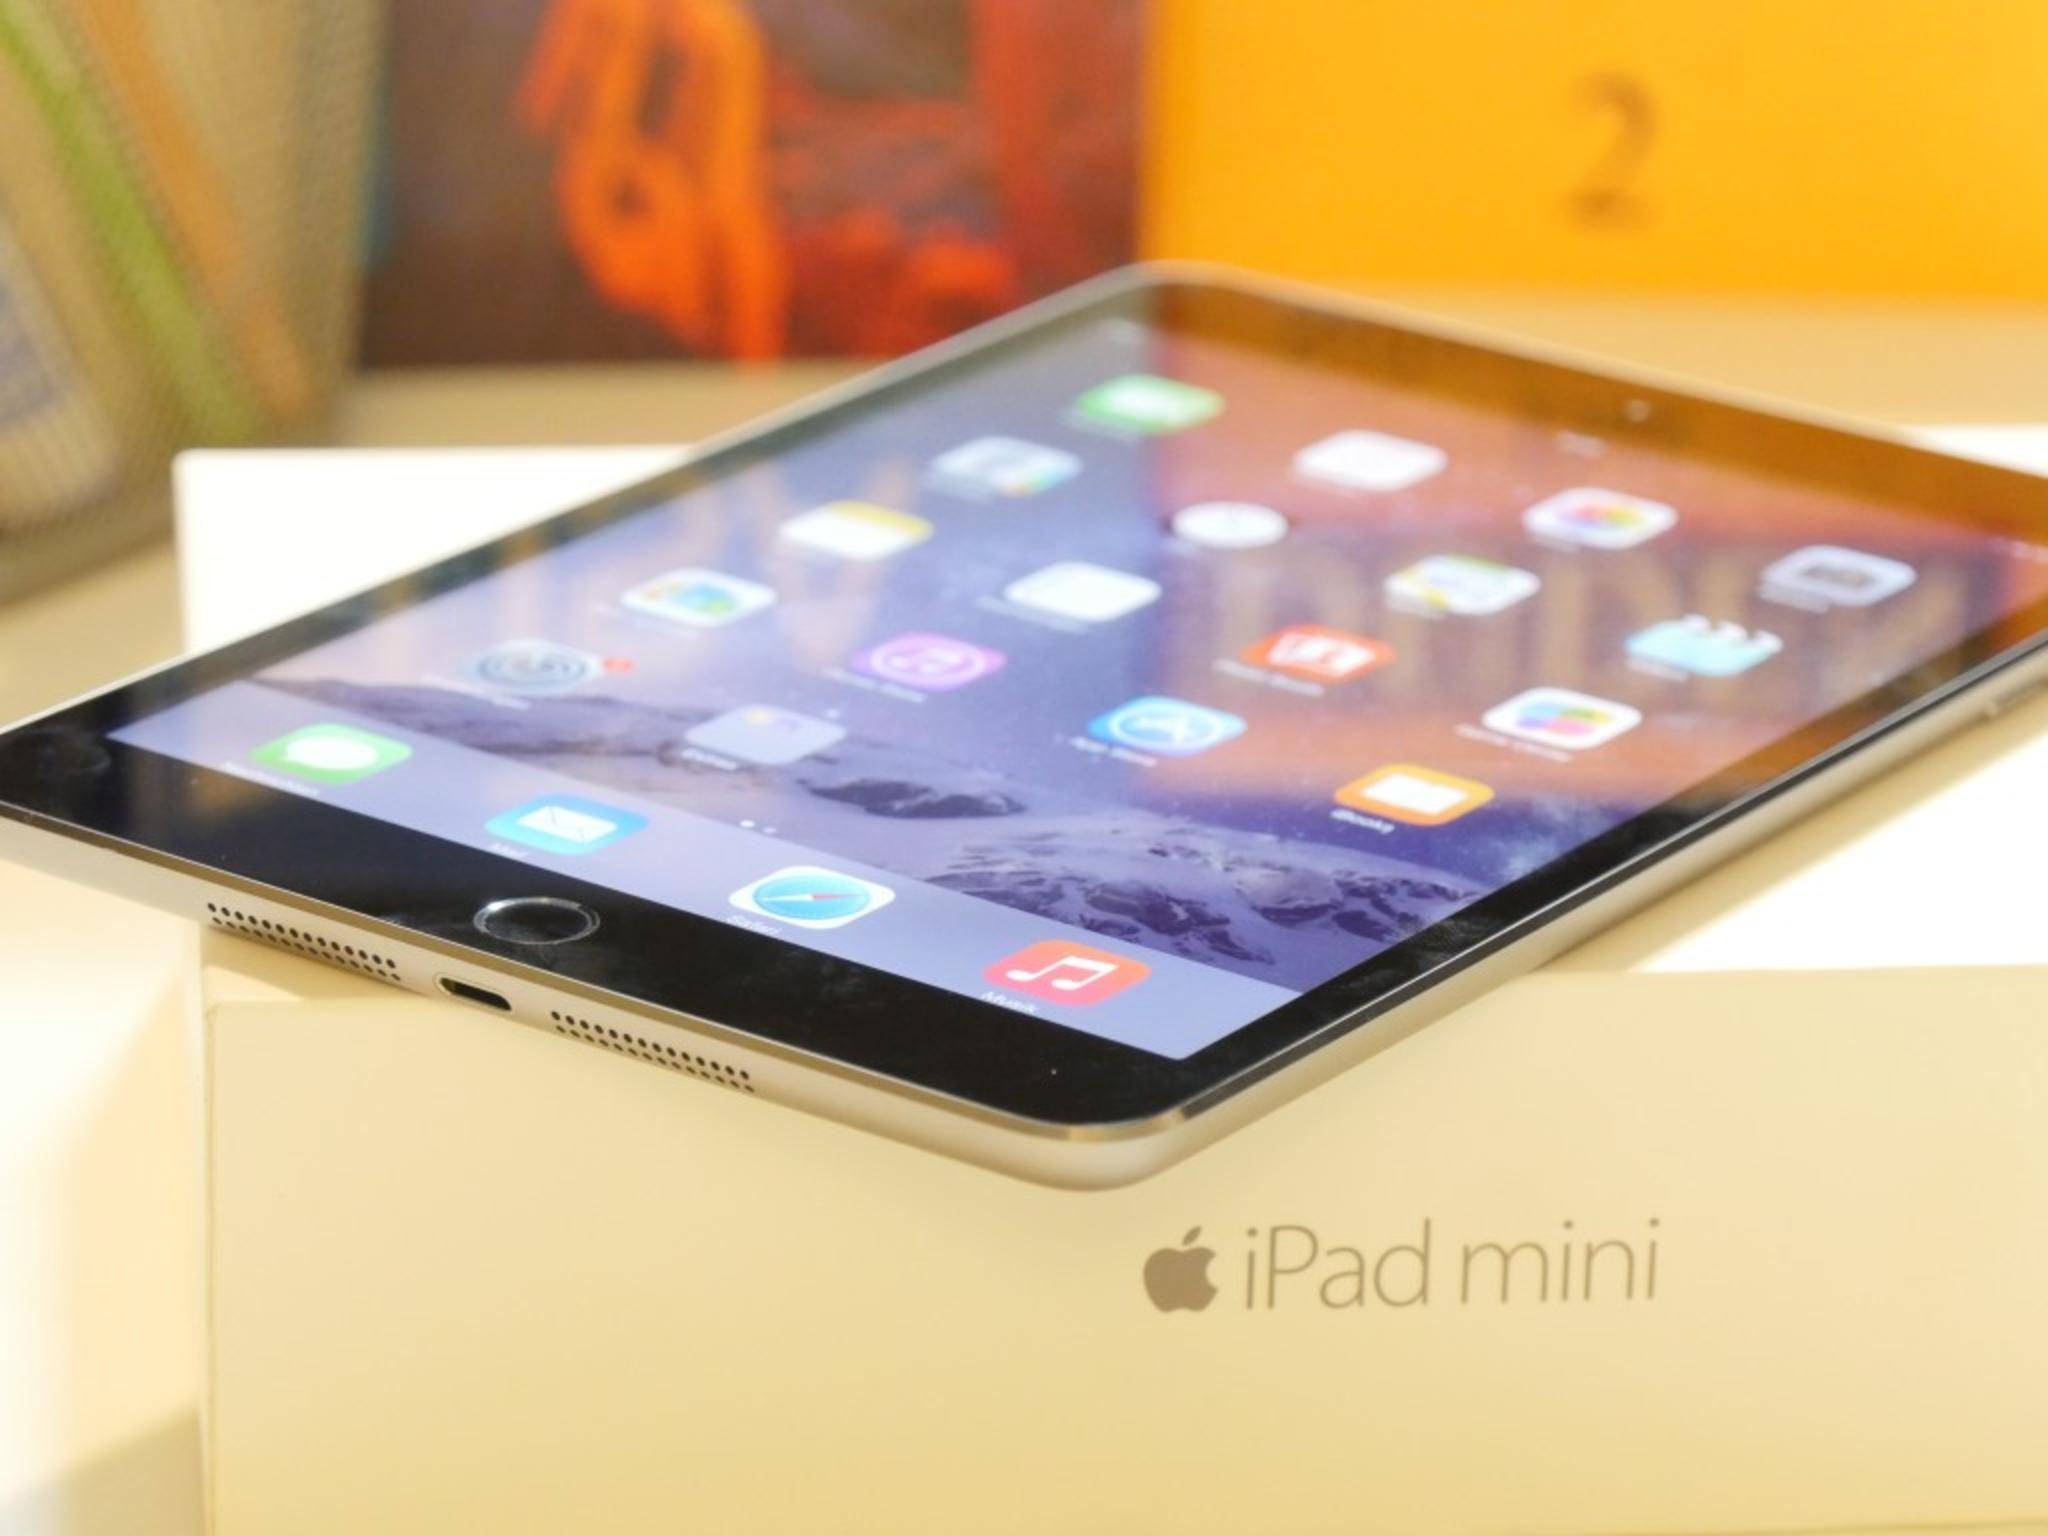 Das iPad mini 3 hat dieselben Abmessungen wie sein Vorgängermodell.